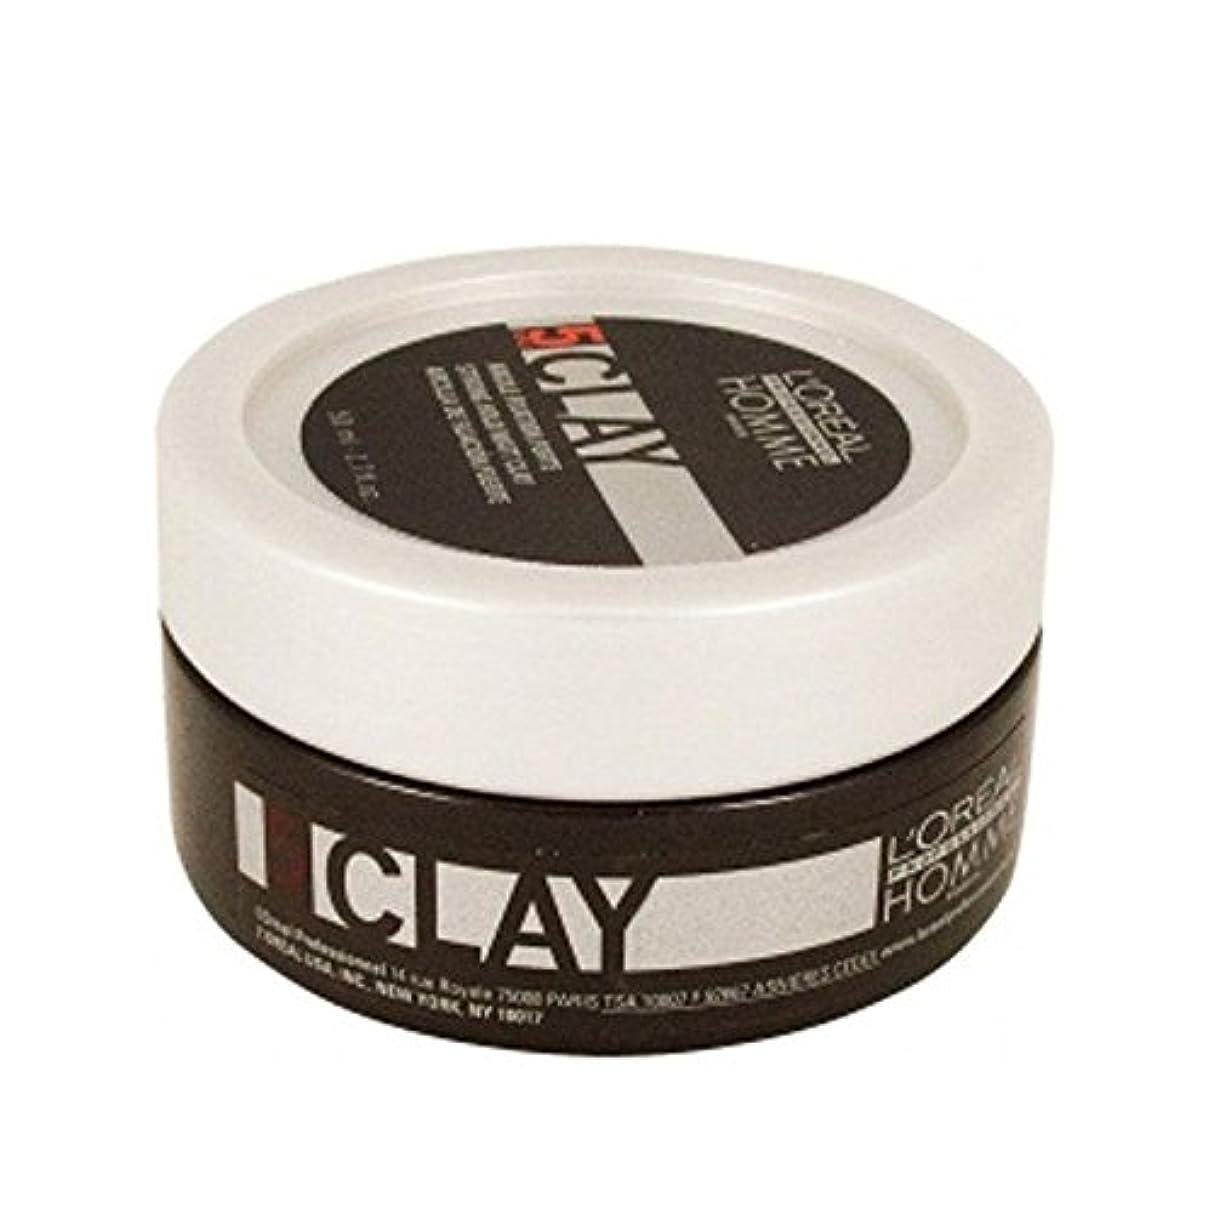 してはいけないシティフィードオンロレアルプロフェッショナルのオム粘土 - 強力なホールド粘土(50ミリリットル) x2 - L'Or?al Professionnel Homme Clay ? Strong Hold Clay (50ml) (Pack...